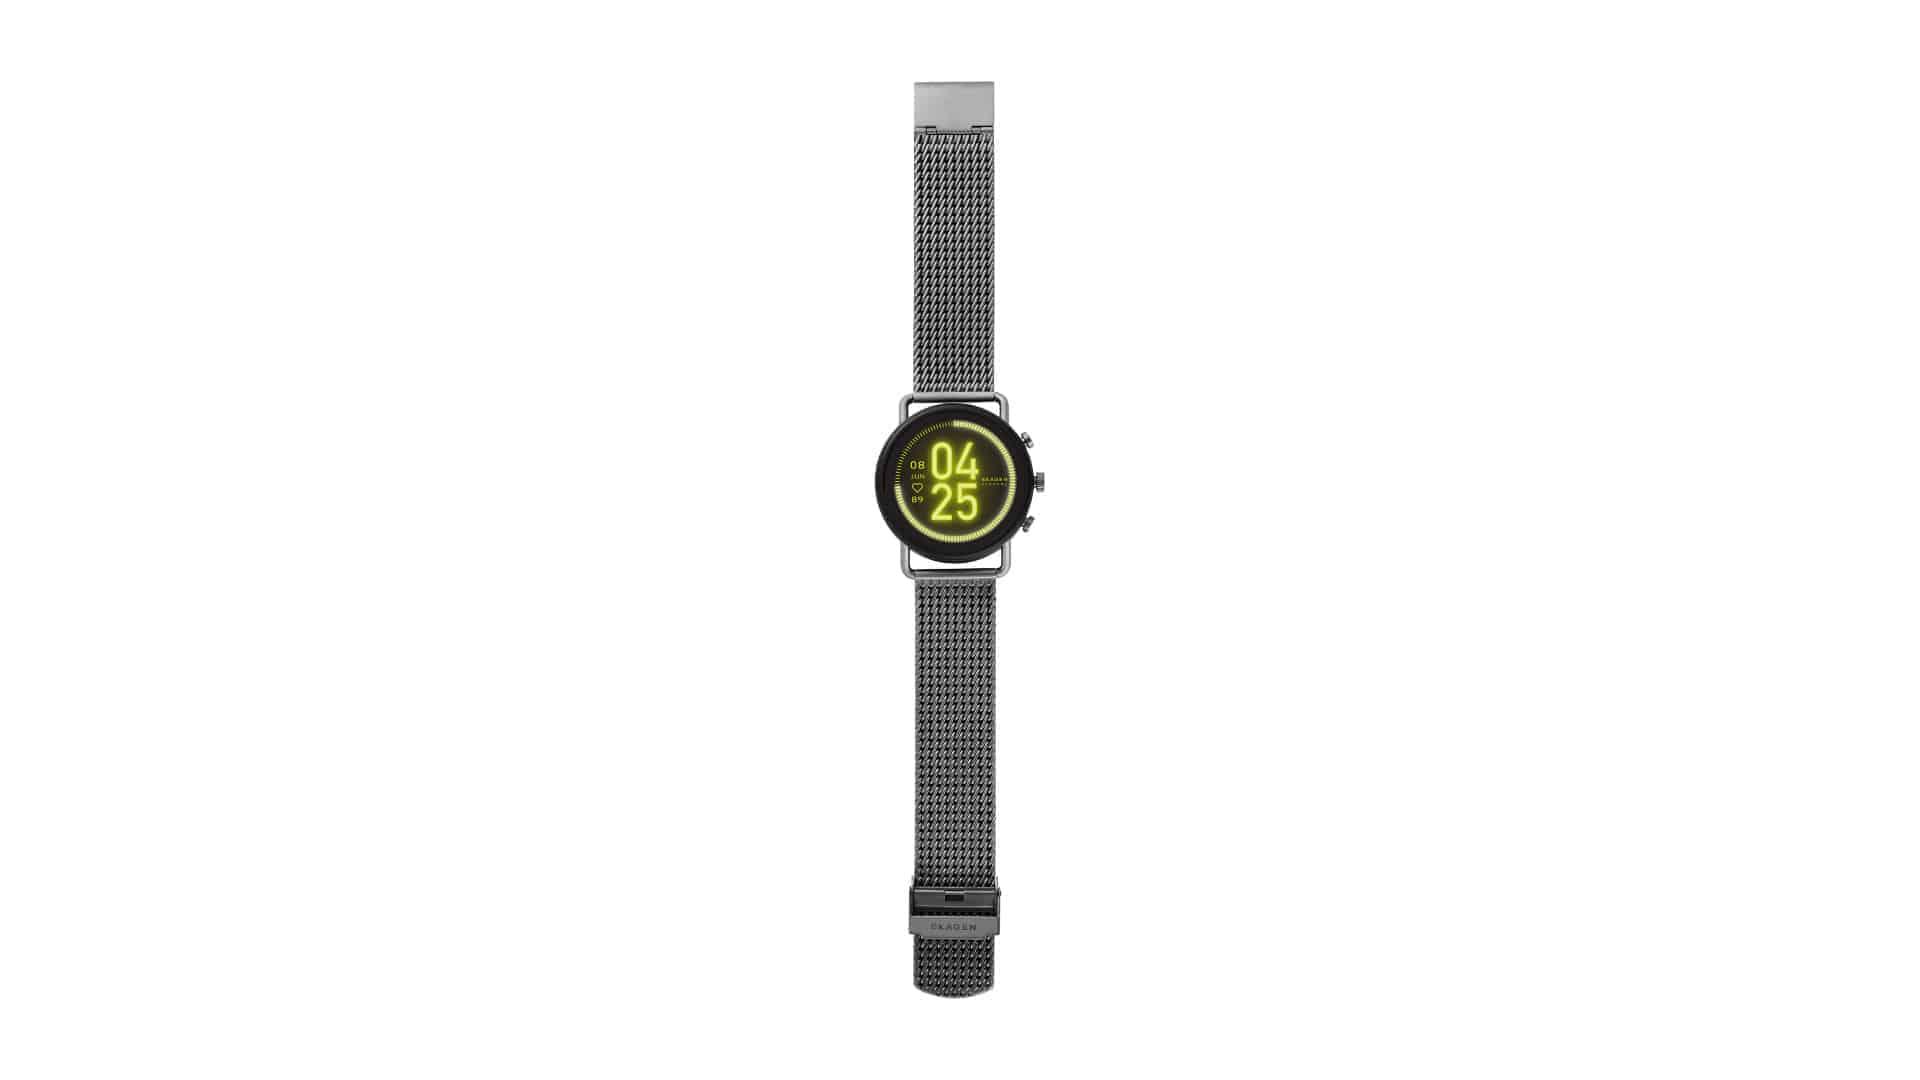 SKAGEN Falster 3 Wear OS Watch 5